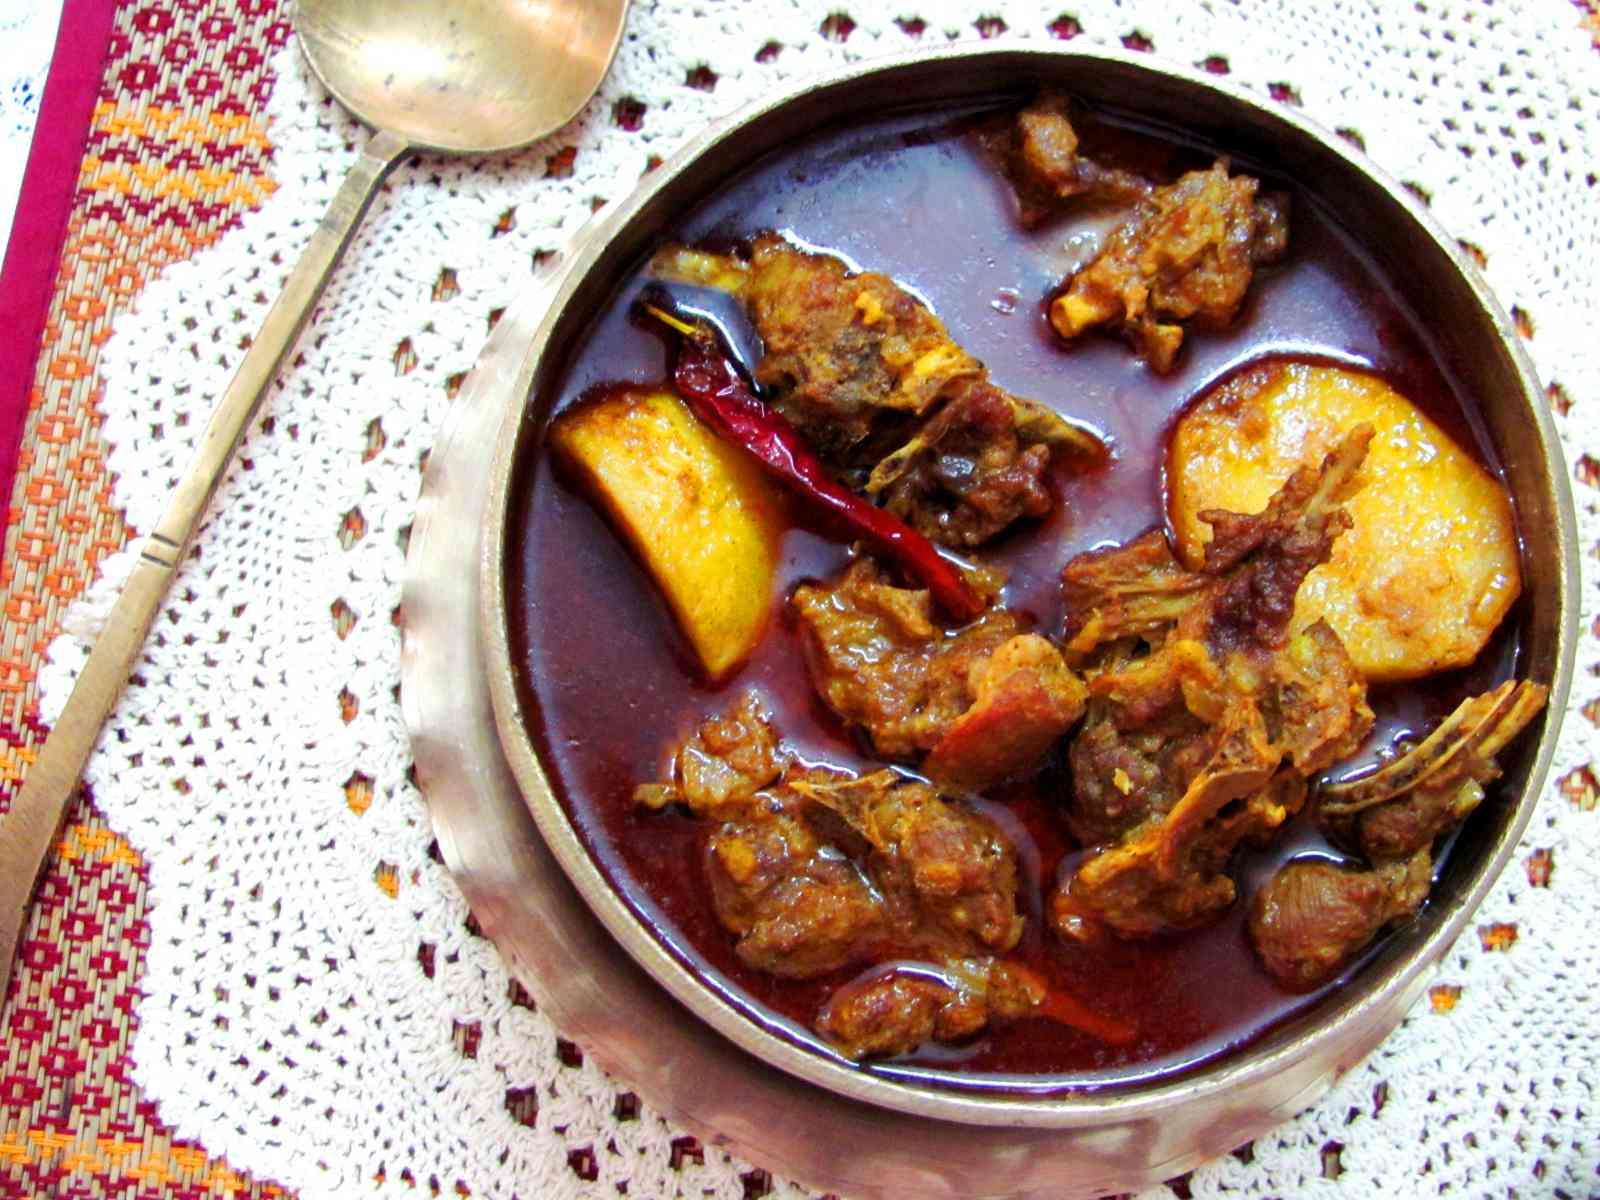 Bengali style mangsher jhol recipe mutton curry by archanas kitchen bengali style mangsher jhol recipe mutton curry forumfinder Image collections